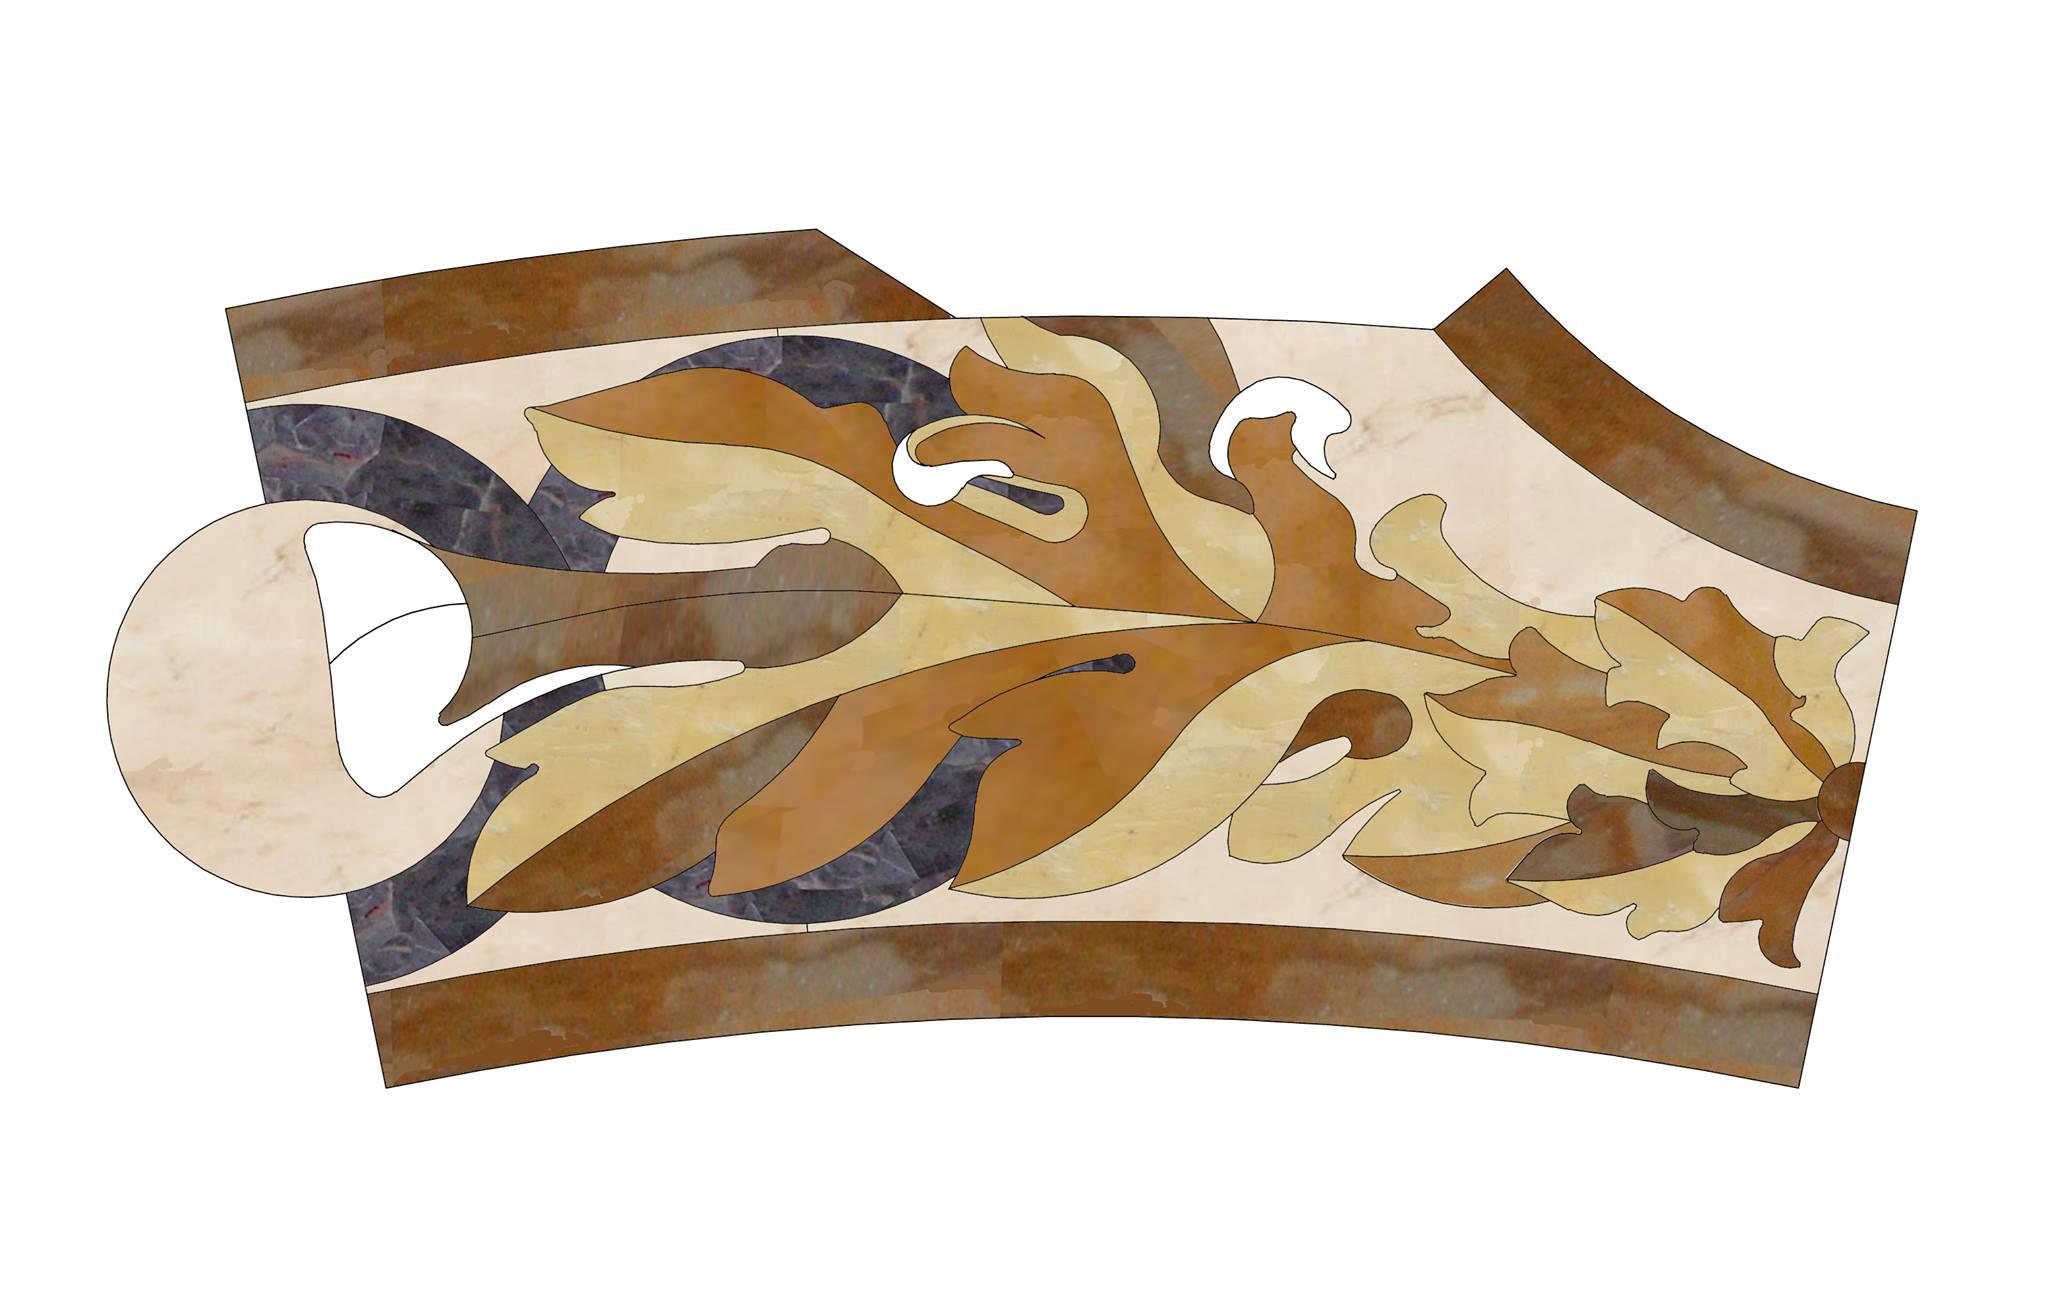 Pavimenti di marmo ad intarsio, marmi policromi - 4